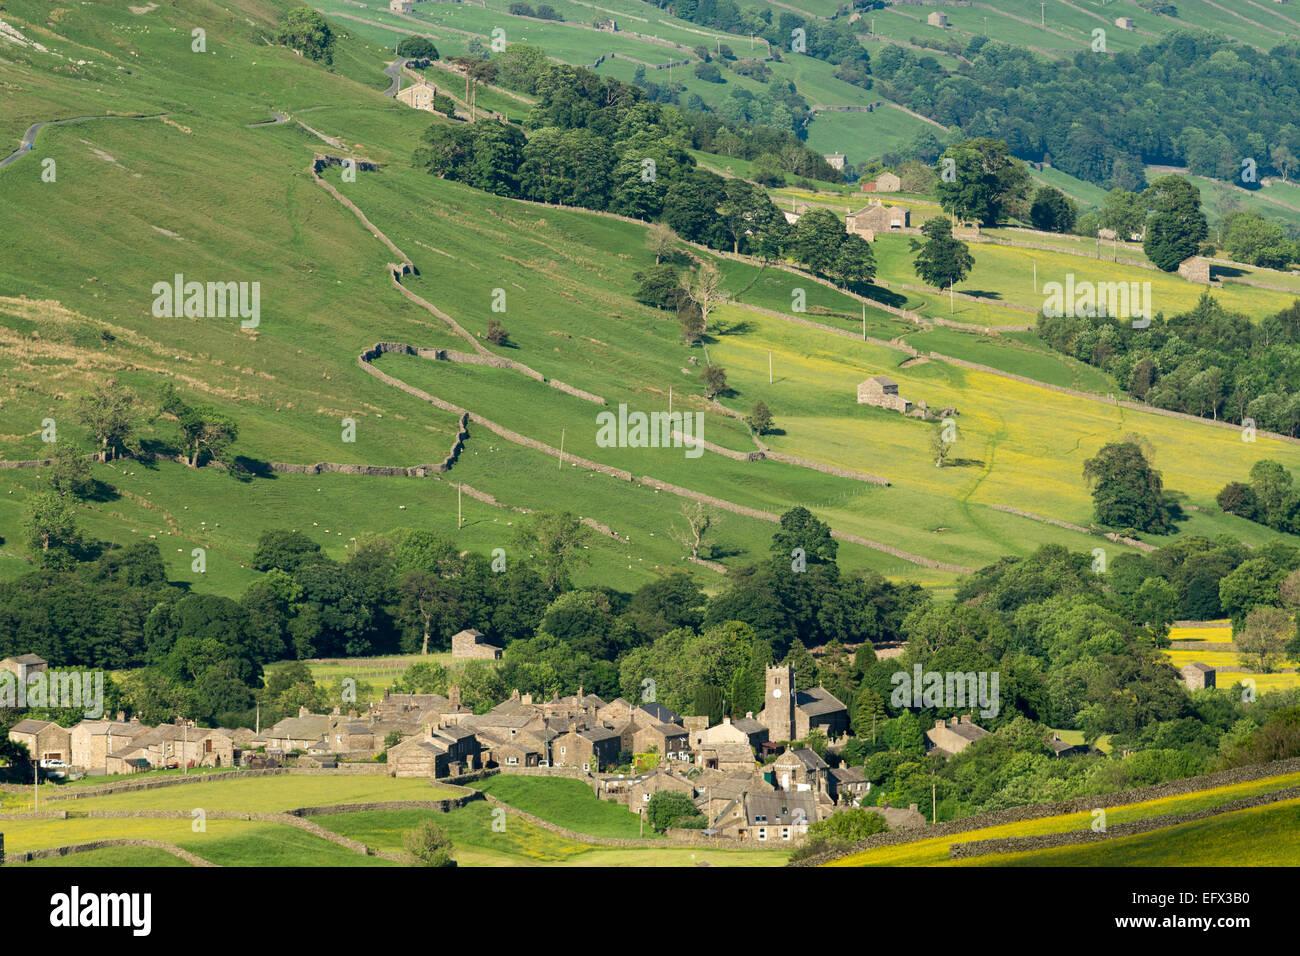 Village de Muker dans Swaledale, au début de l'été. Yorkshire Dales National Park, Royaume-Uni Photo Stock